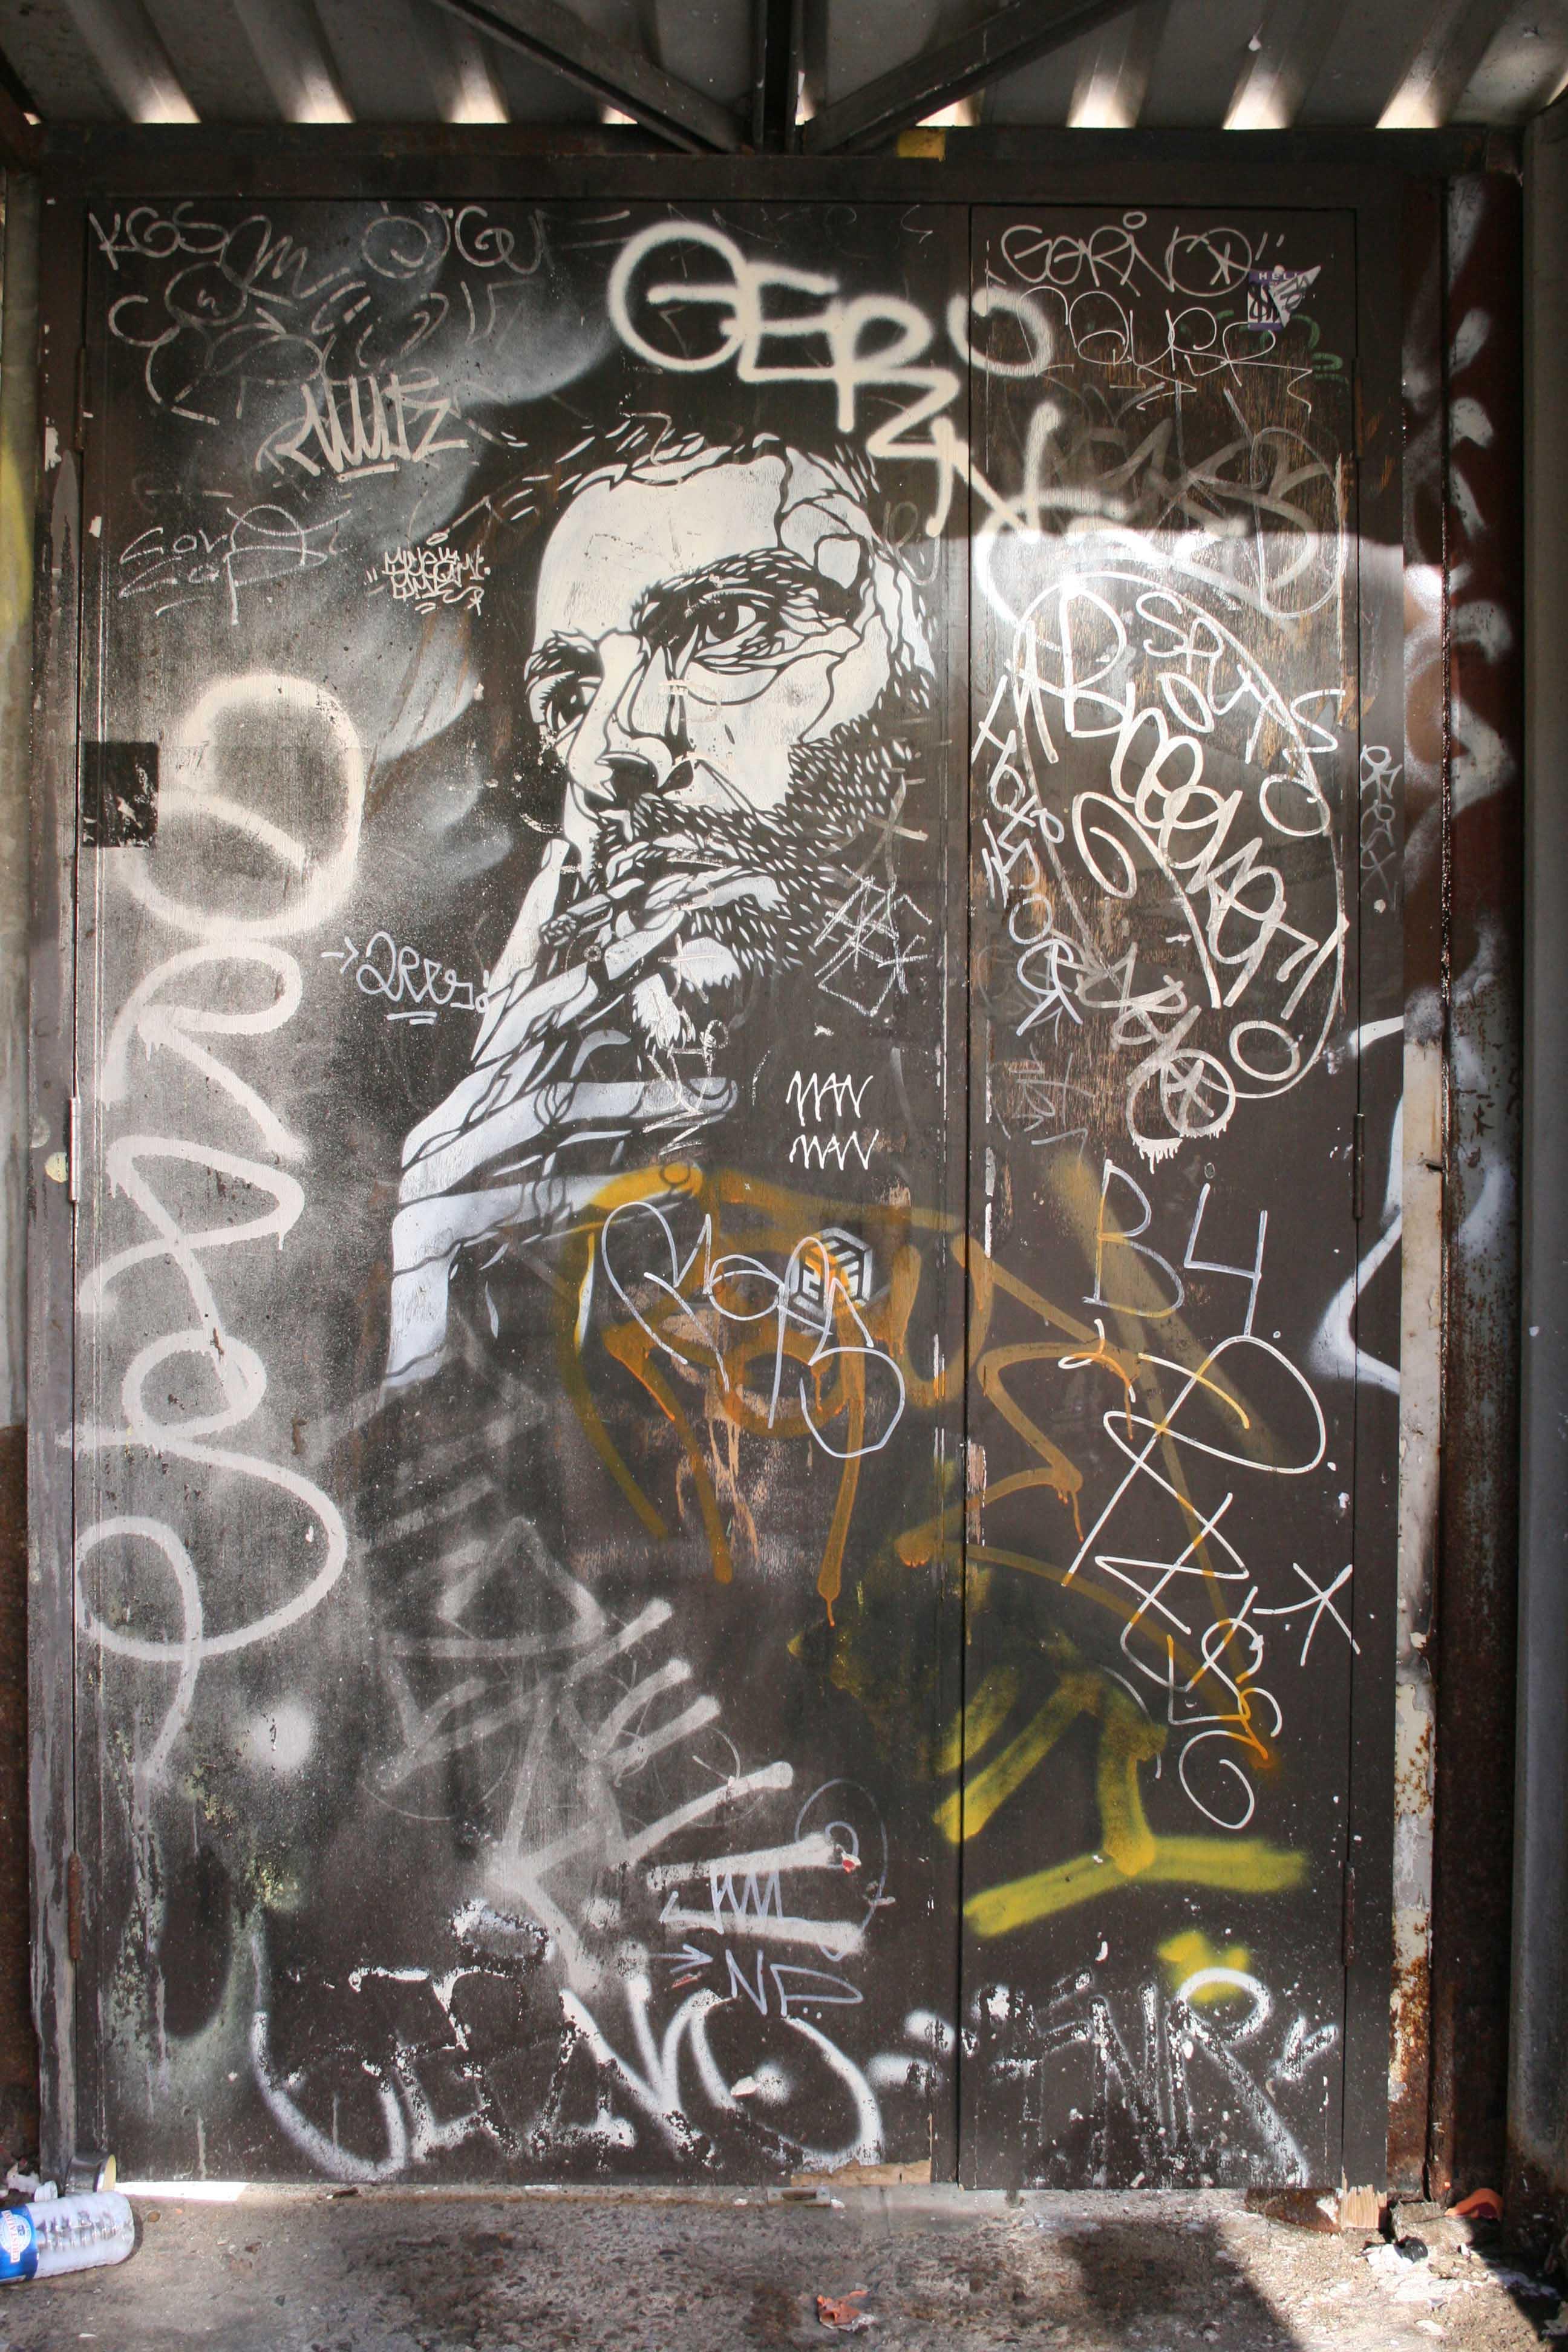 Smoker (London) - Street Art by C215 in London